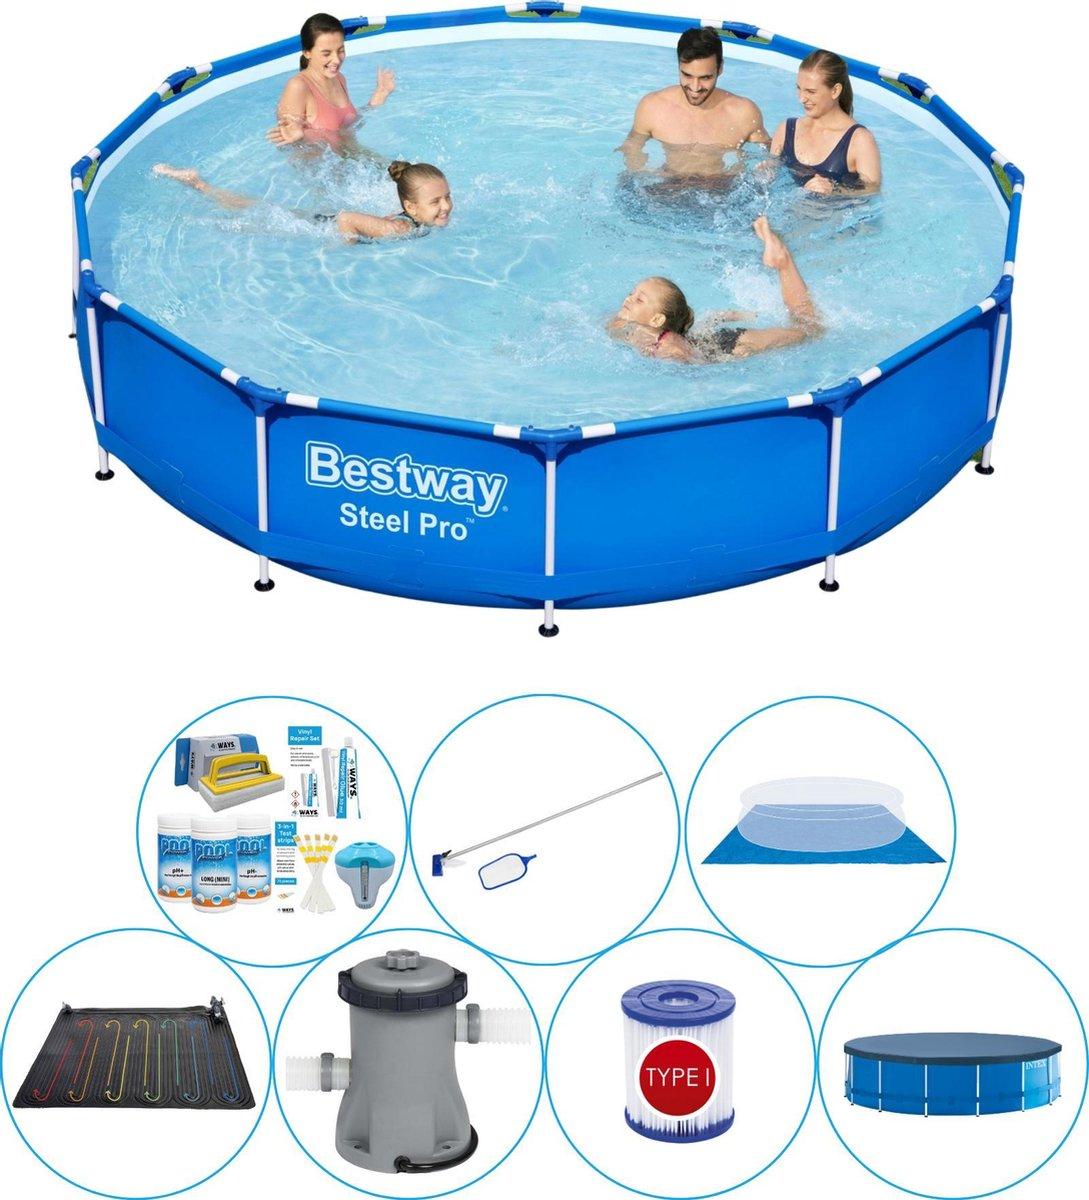 Zwembad Met Accessoires - Bestway Steel Pro Rond 366x76 cm